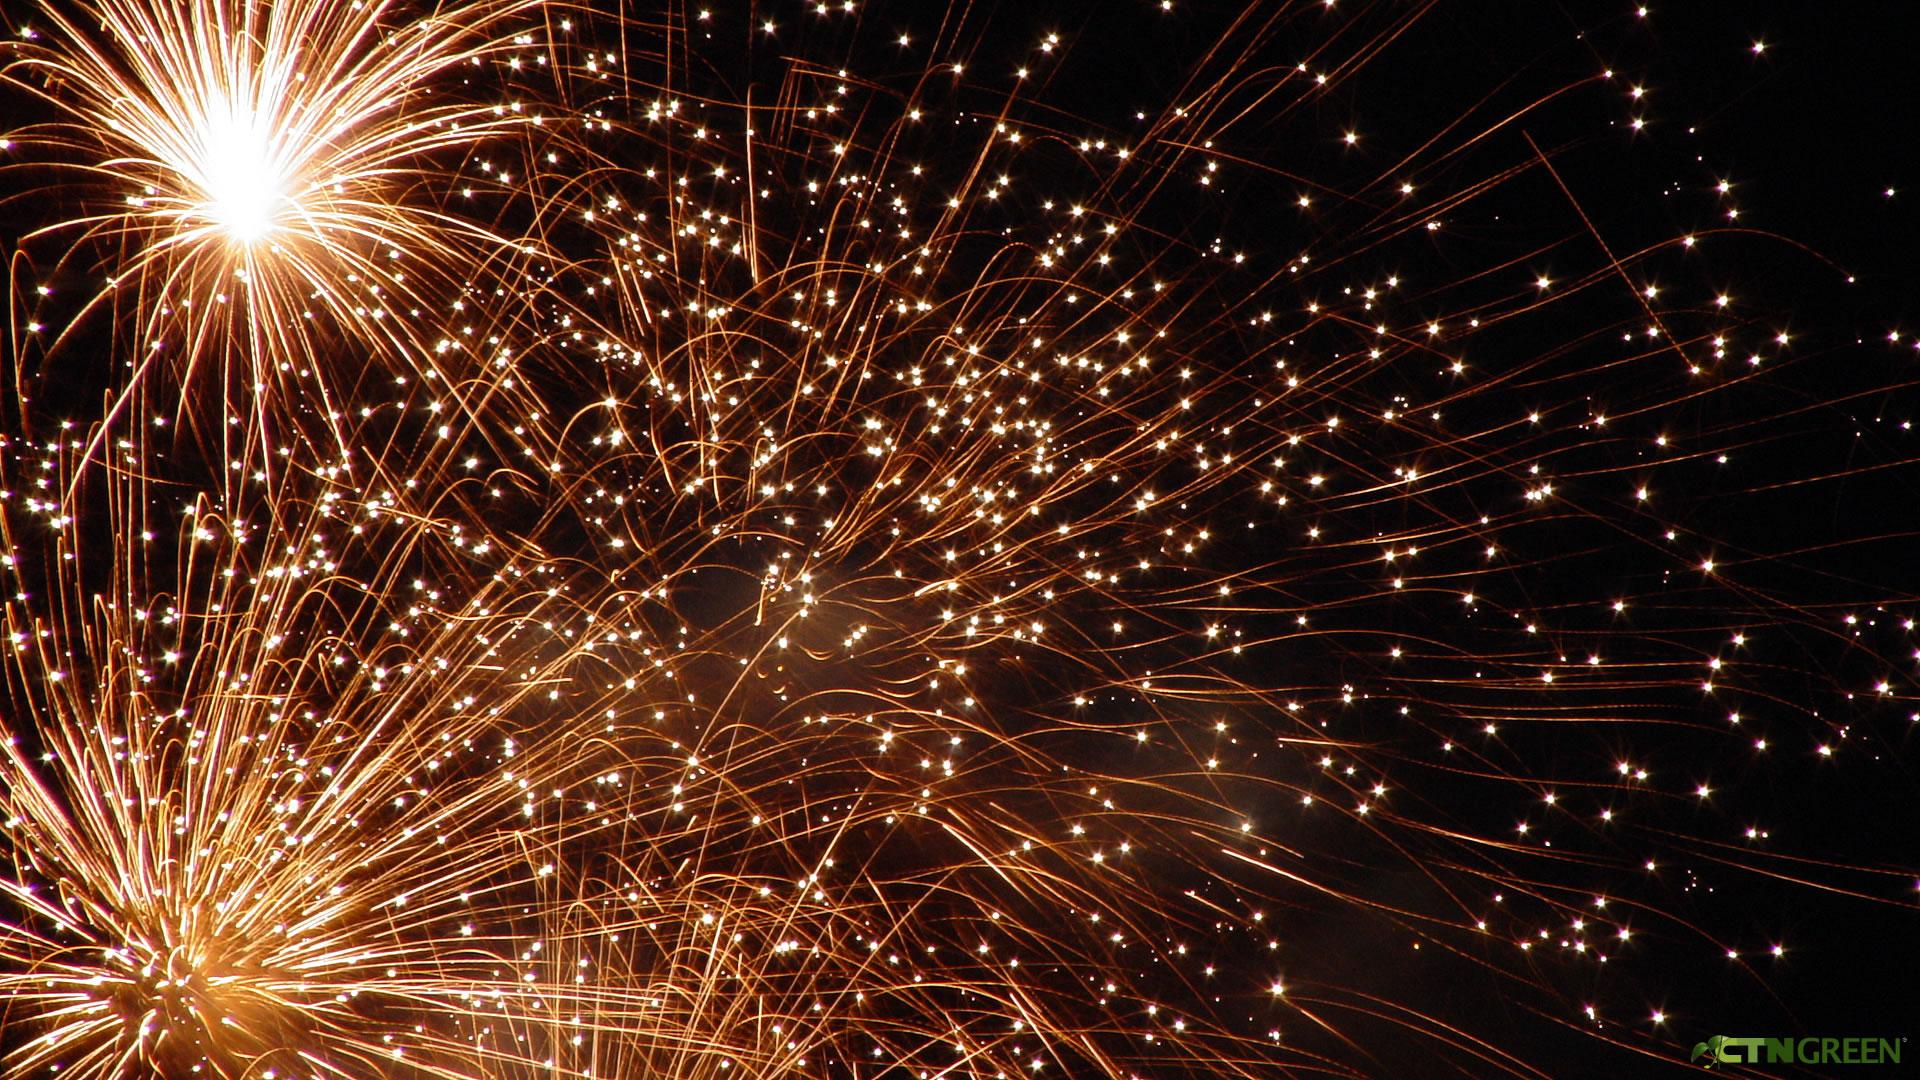 Fireworks Background 1920x1080